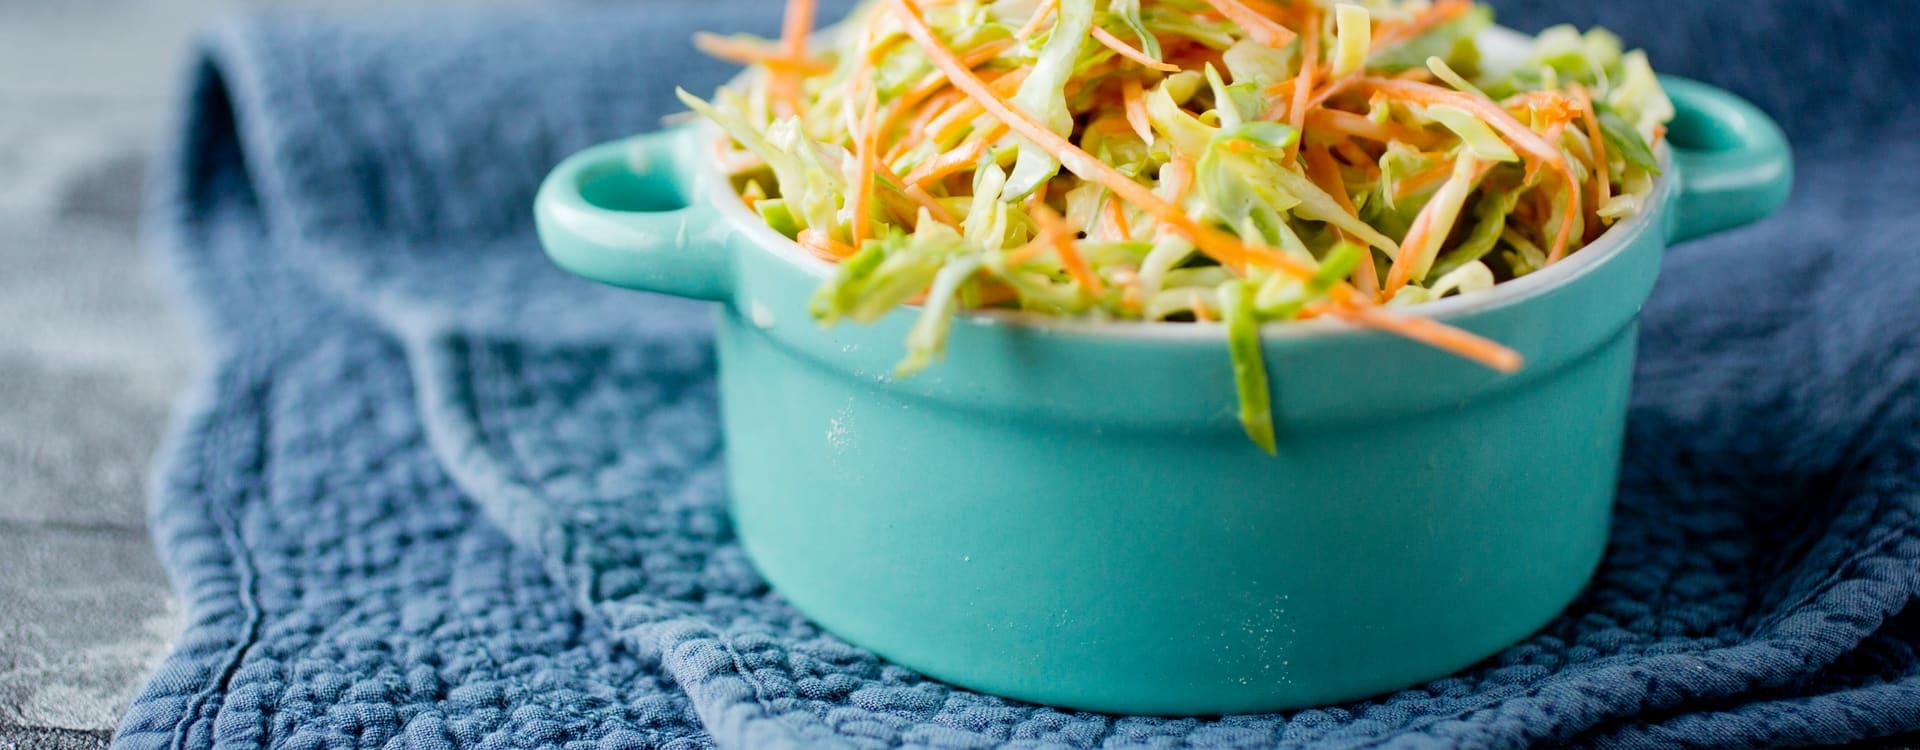 Sunnere coleslaw med nykål